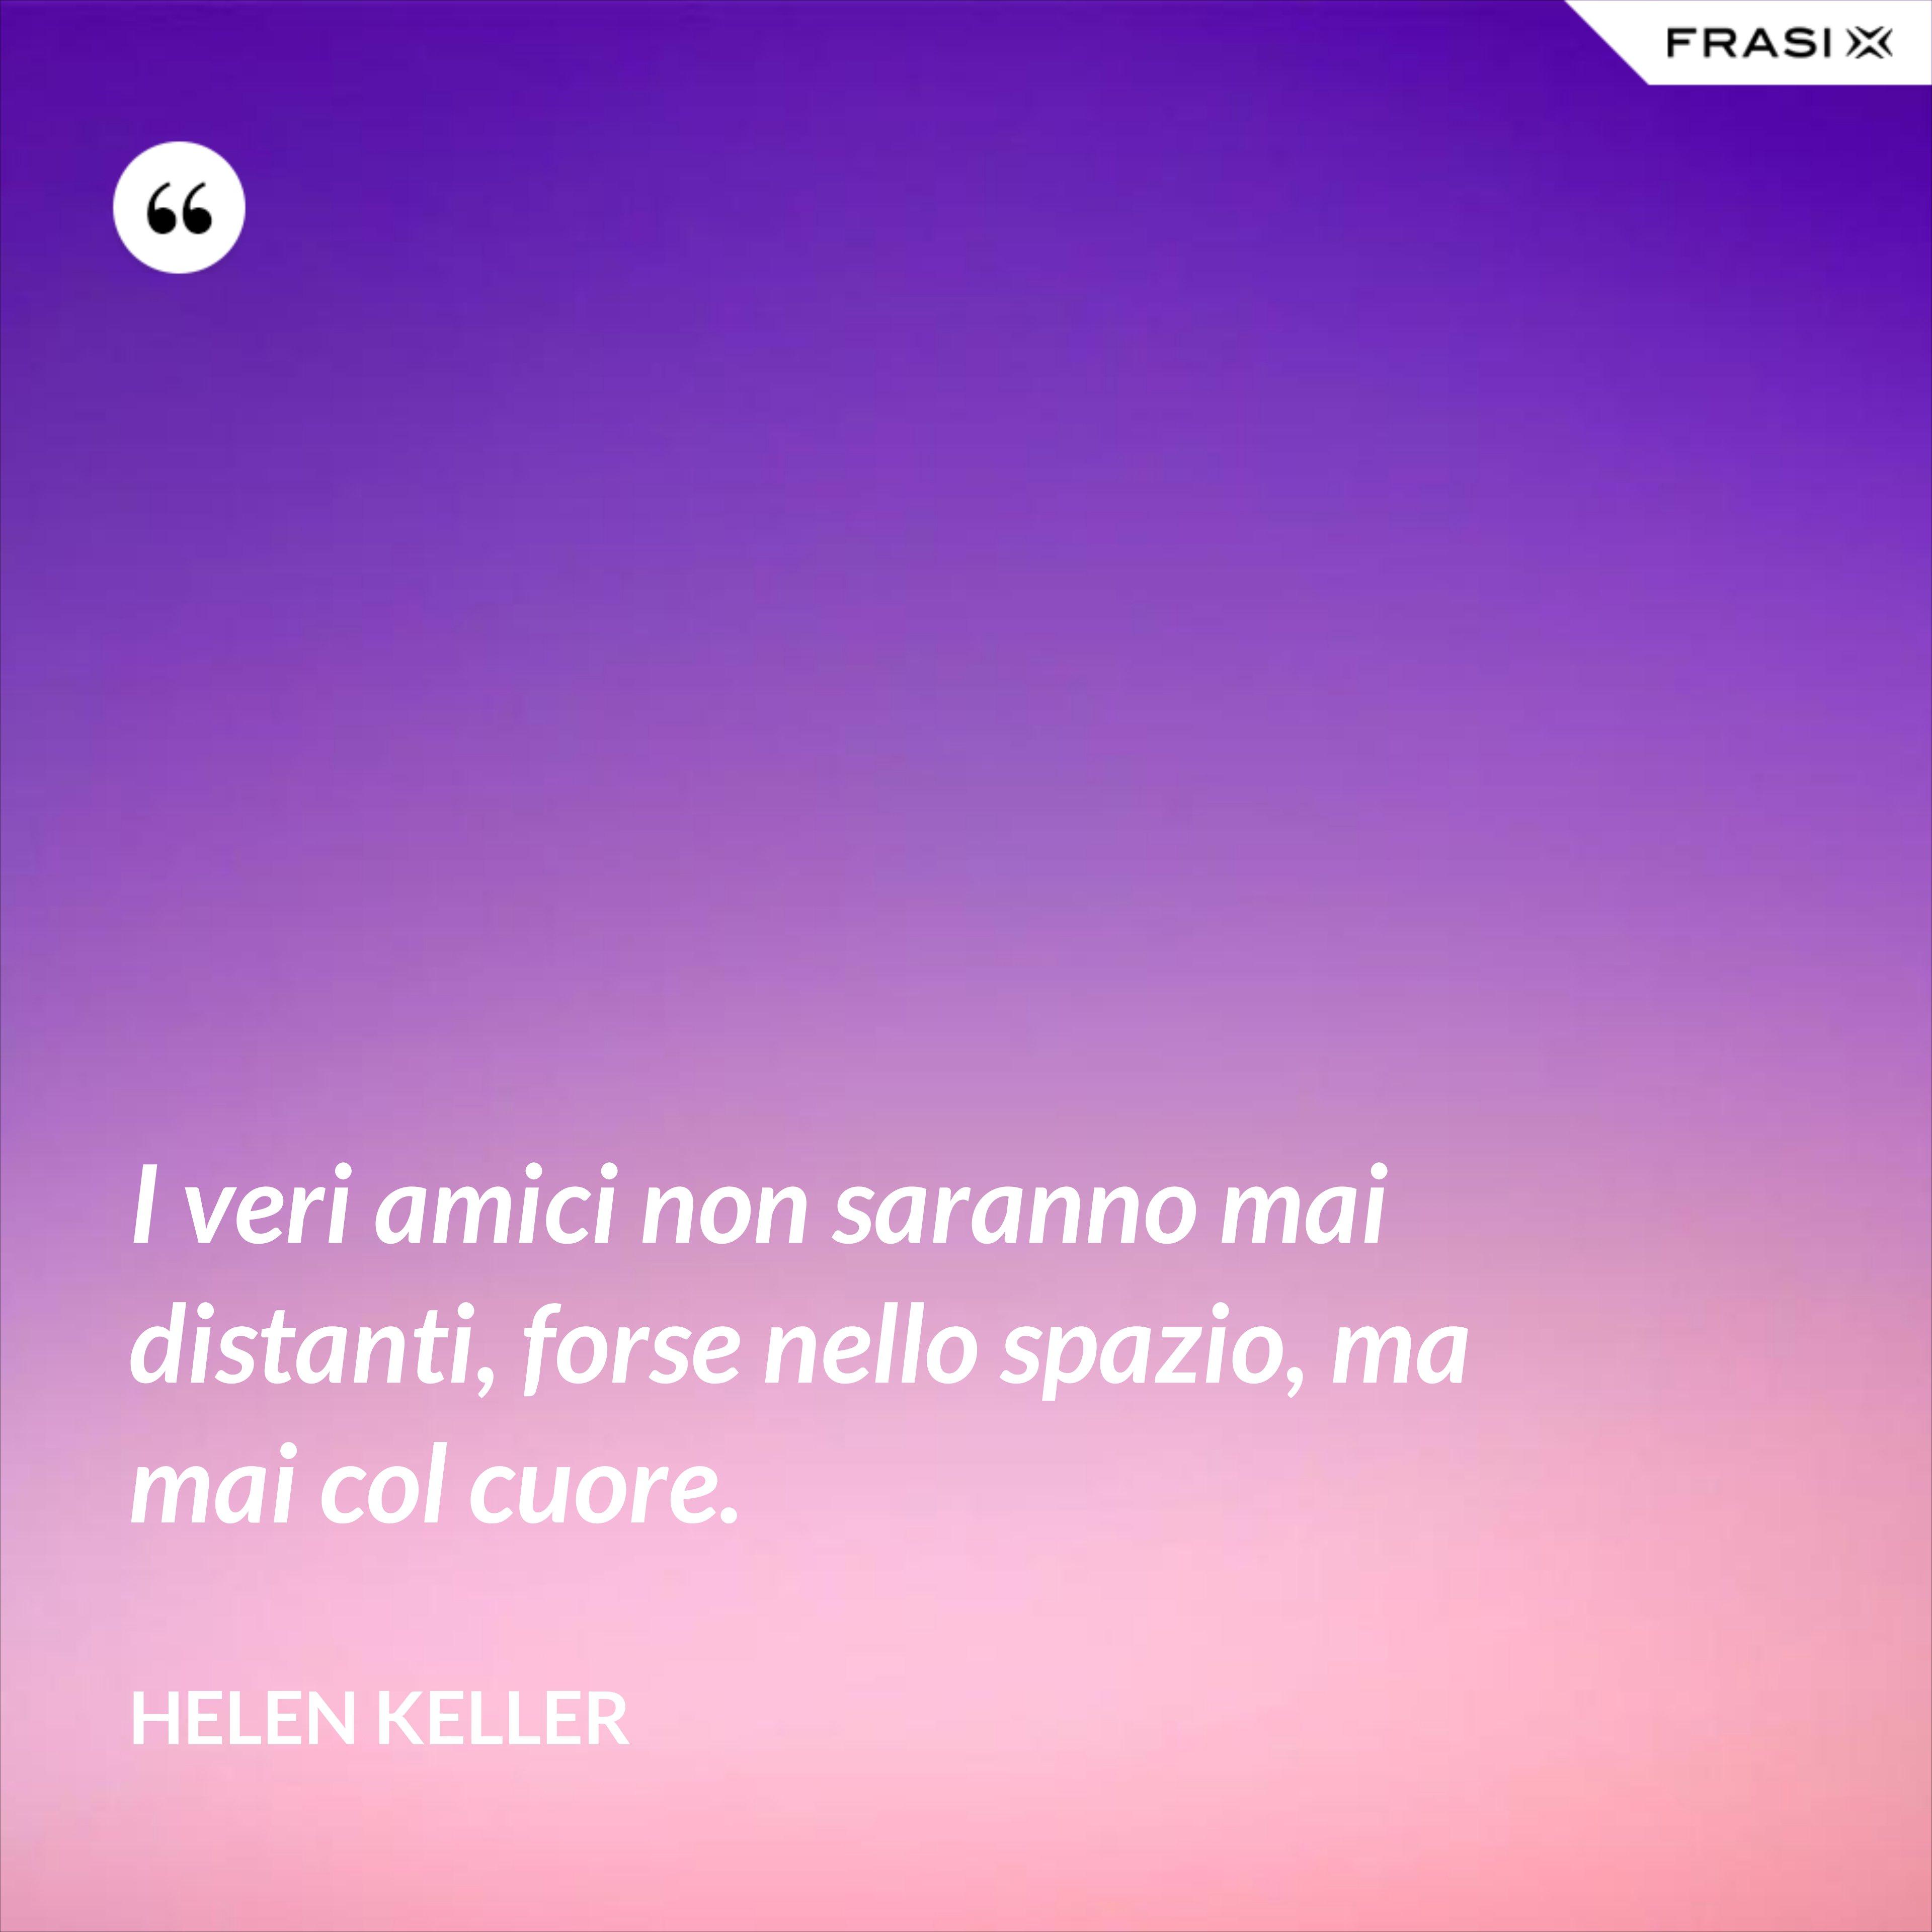 I veri amici non saranno mai distanti, forse nello spazio, ma mai col cuore. - Helen Keller